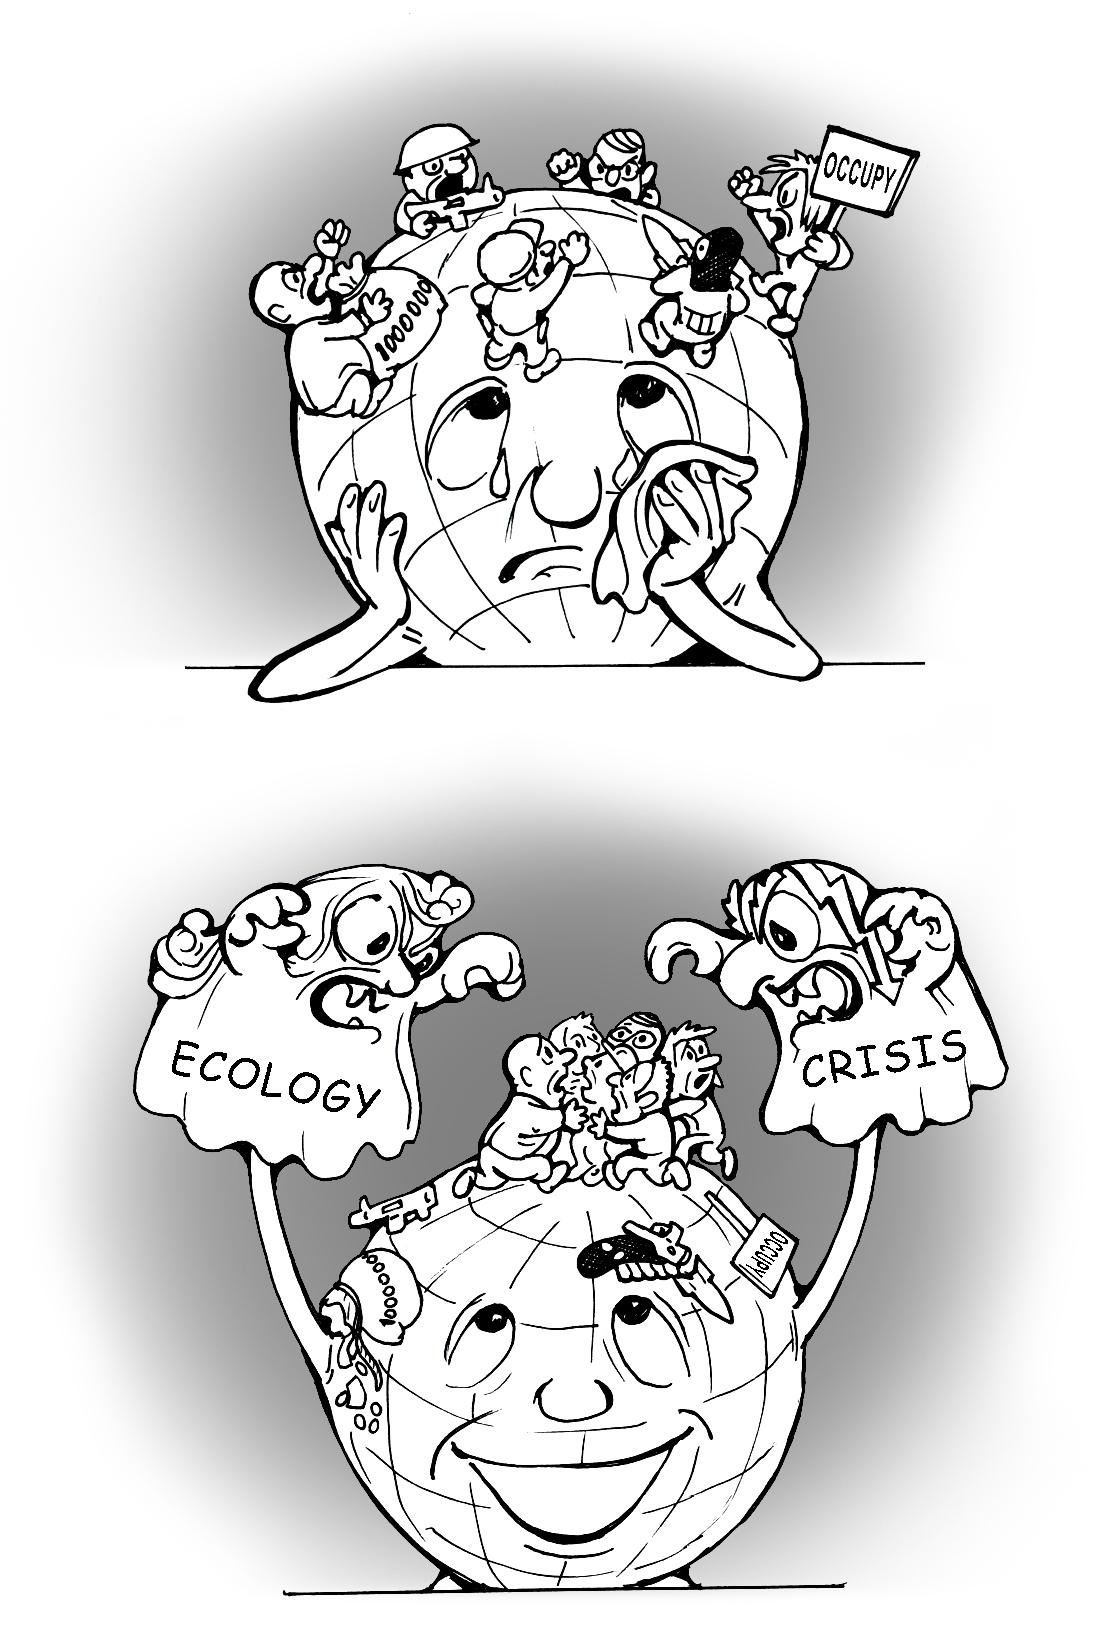 bubot-mafhidot-krizis-ekologia-2